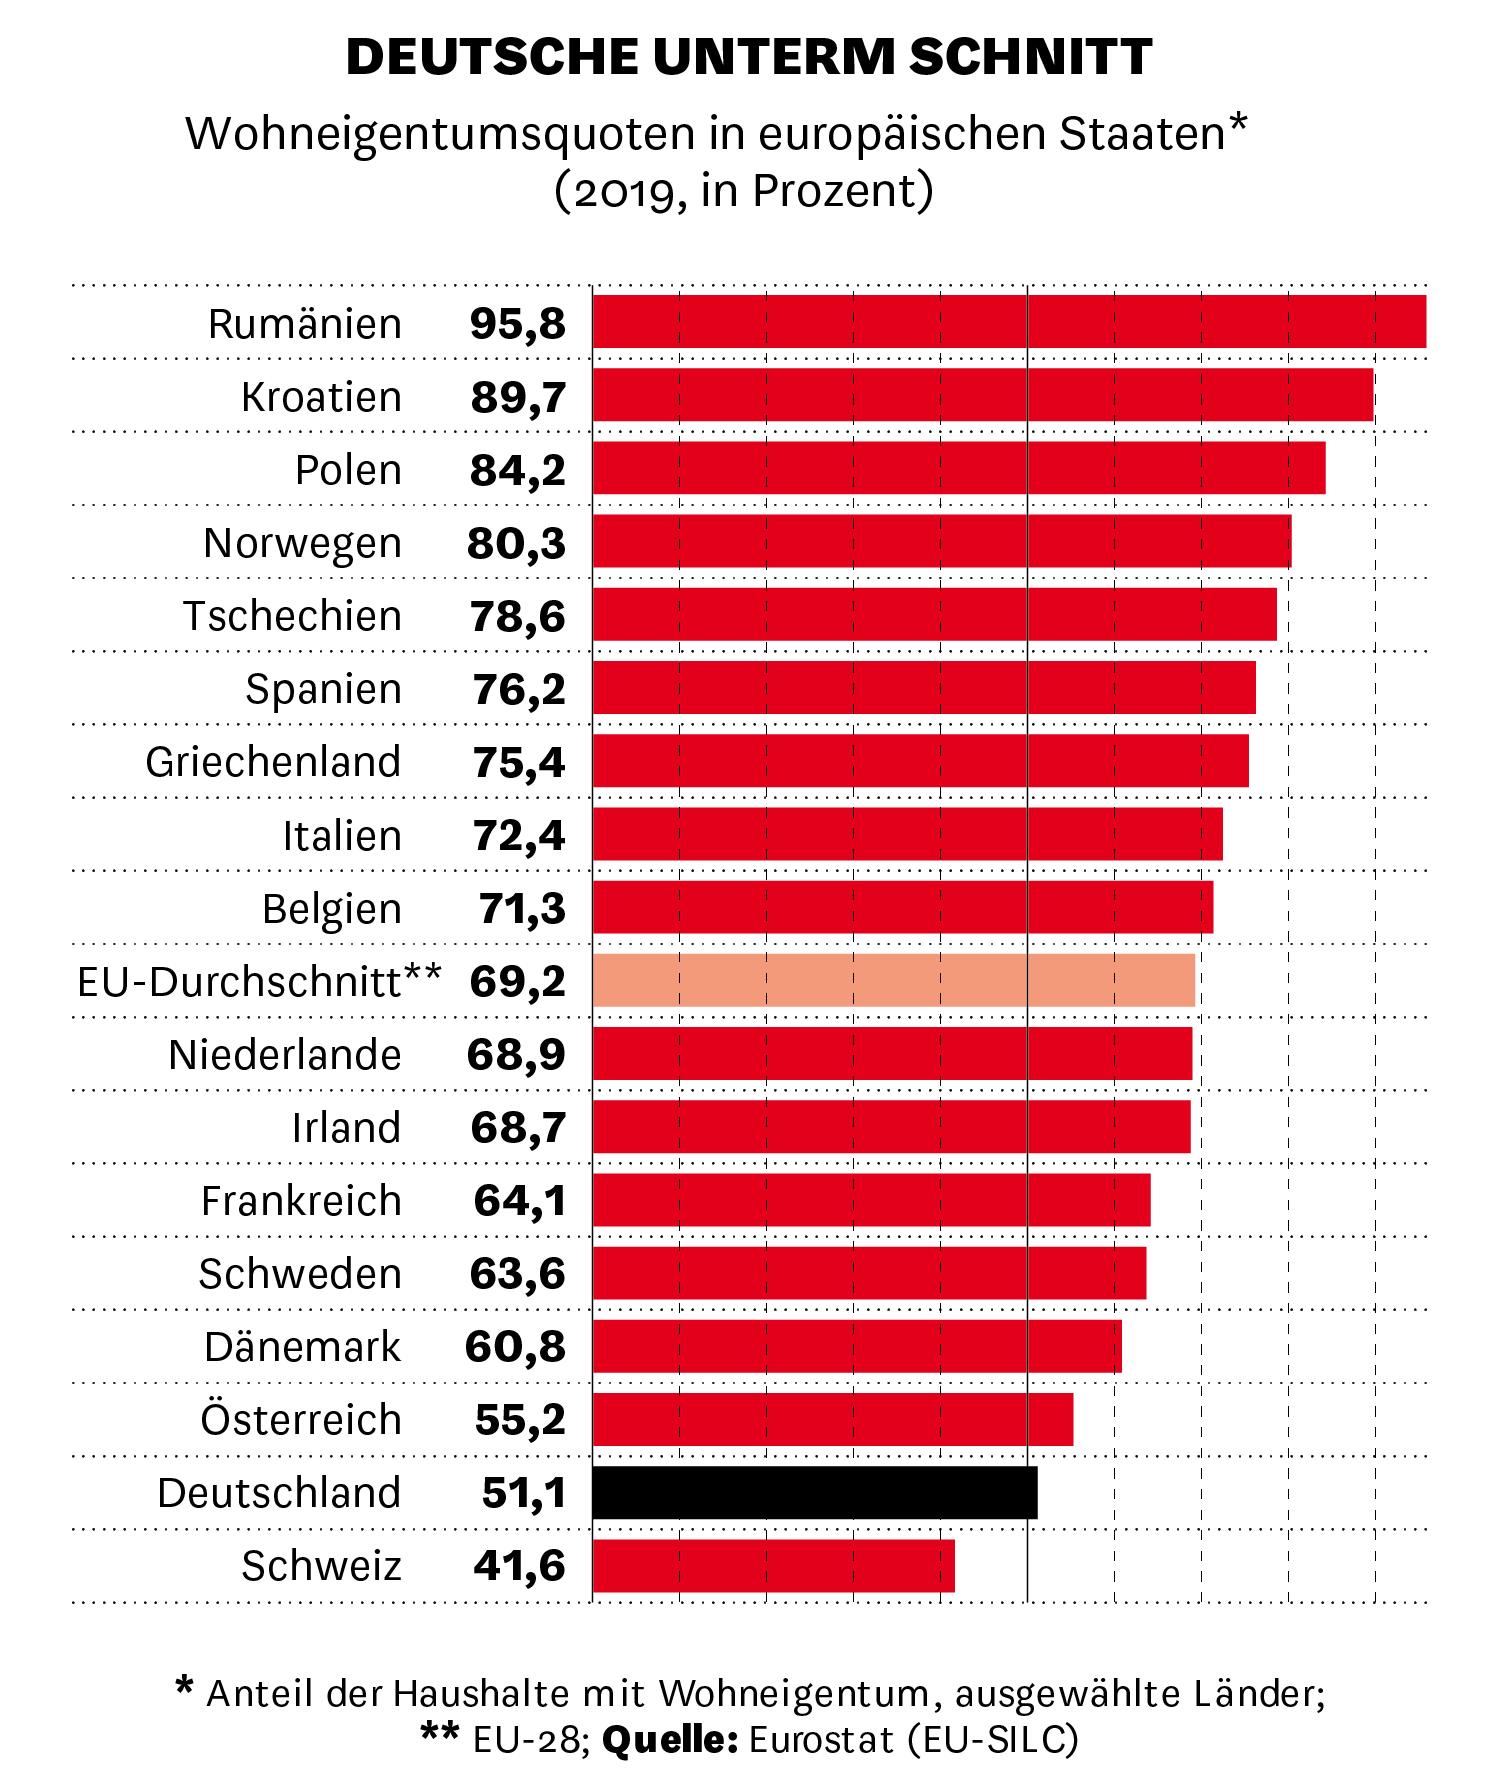 Wohneigentumsquoten in europäischen Staaten